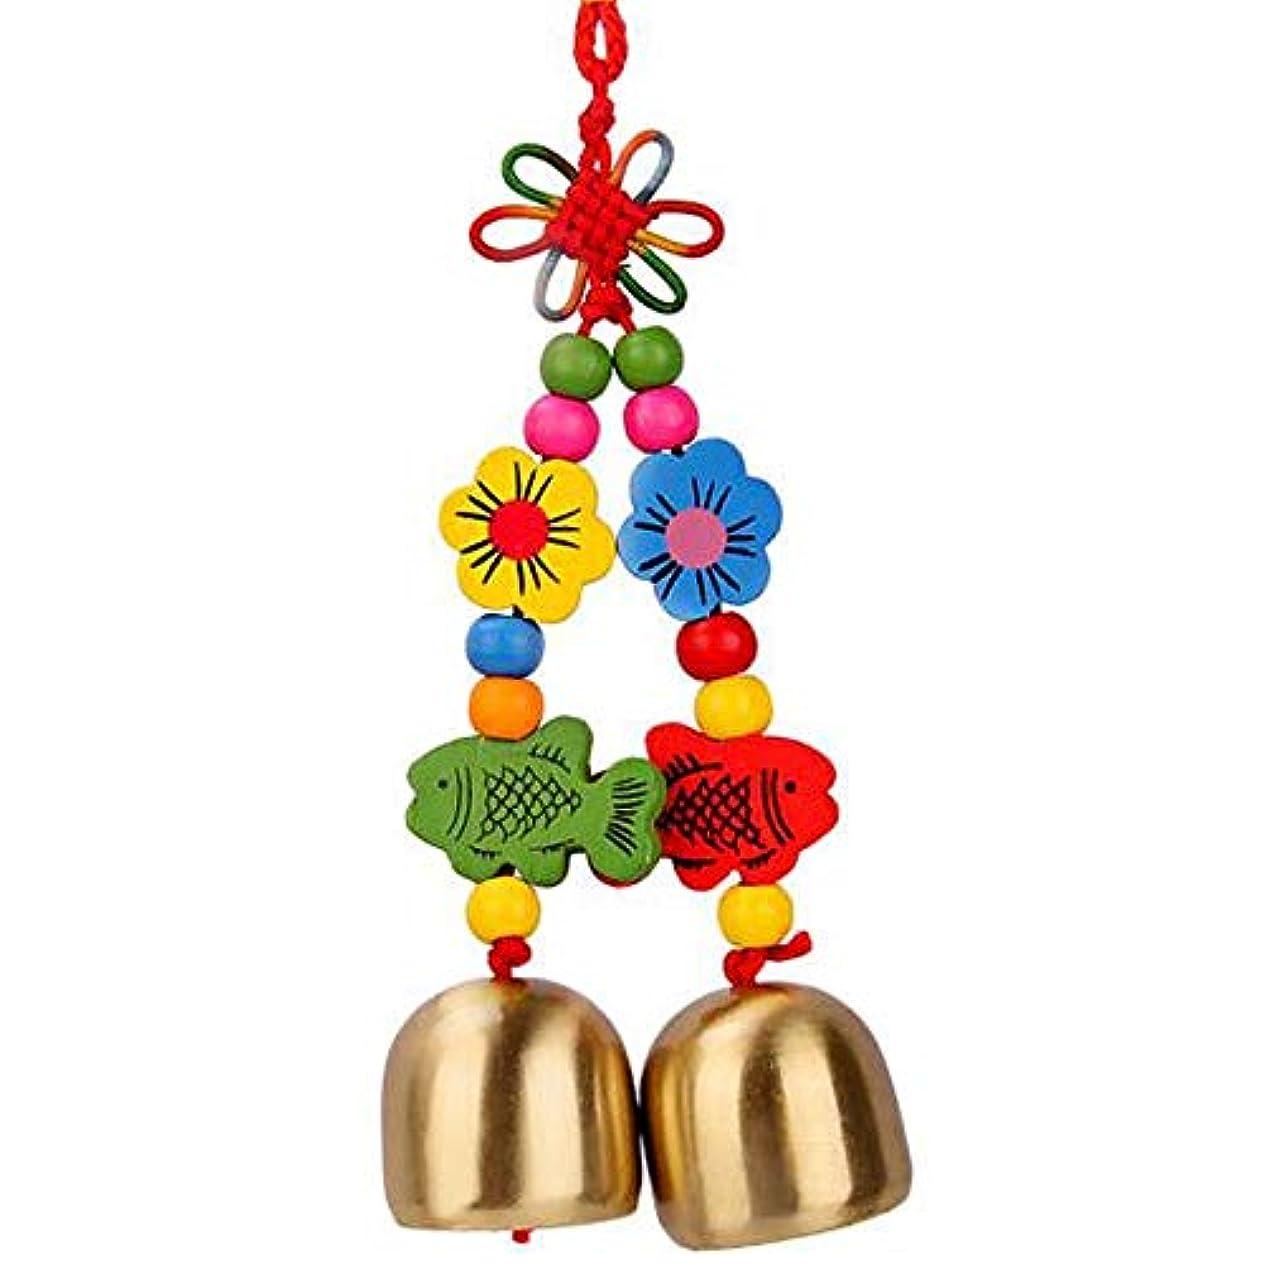 百移行する手のひらGaoxingbianlidian001 風チャイム、中国のノット銅鐘ホーム車の装飾、ゴールド、全長約22CM,楽しいホリデーギフト (Color : B)